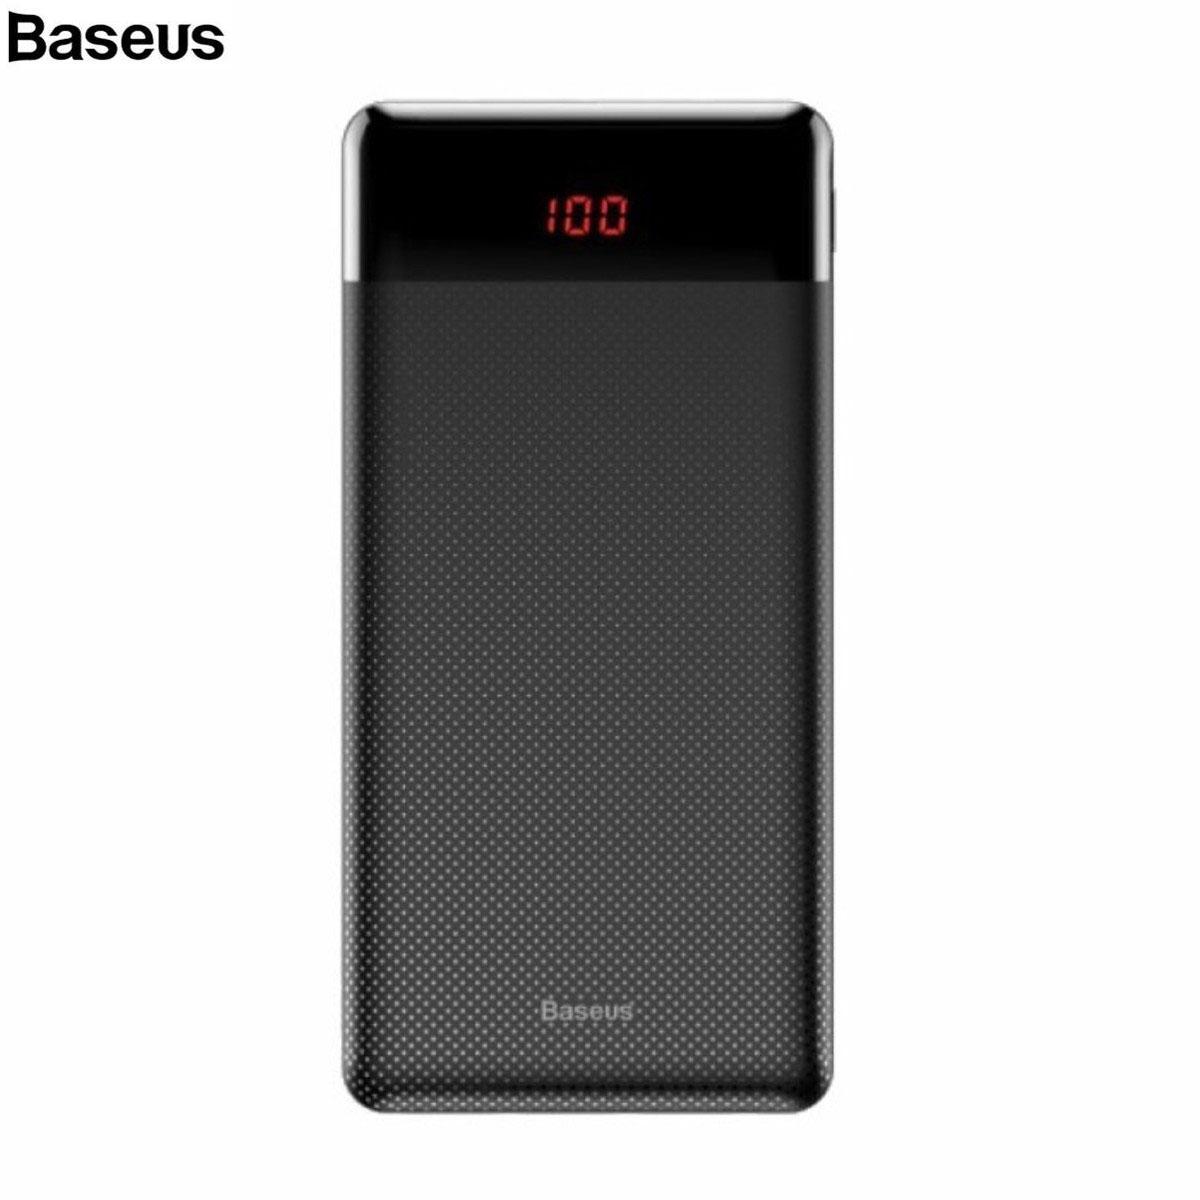 Pin sạc dự phòng Baseus Mini Cu Digital Display 10,000mAh, 2 Port USB, LCD Display